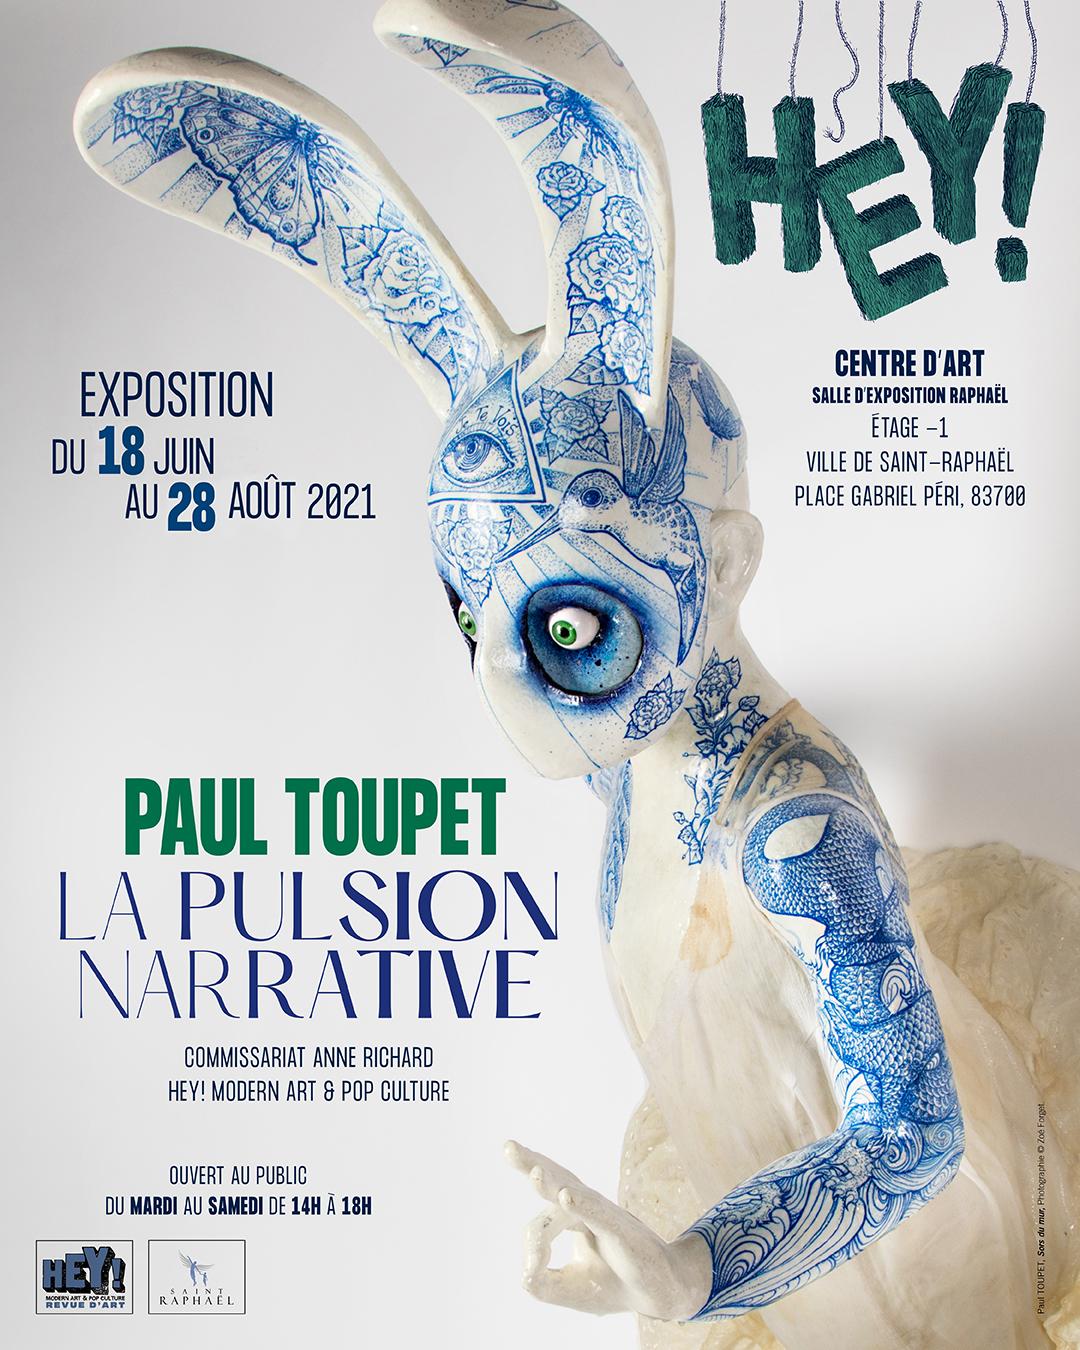 Paul Toupet La pulsion narrative